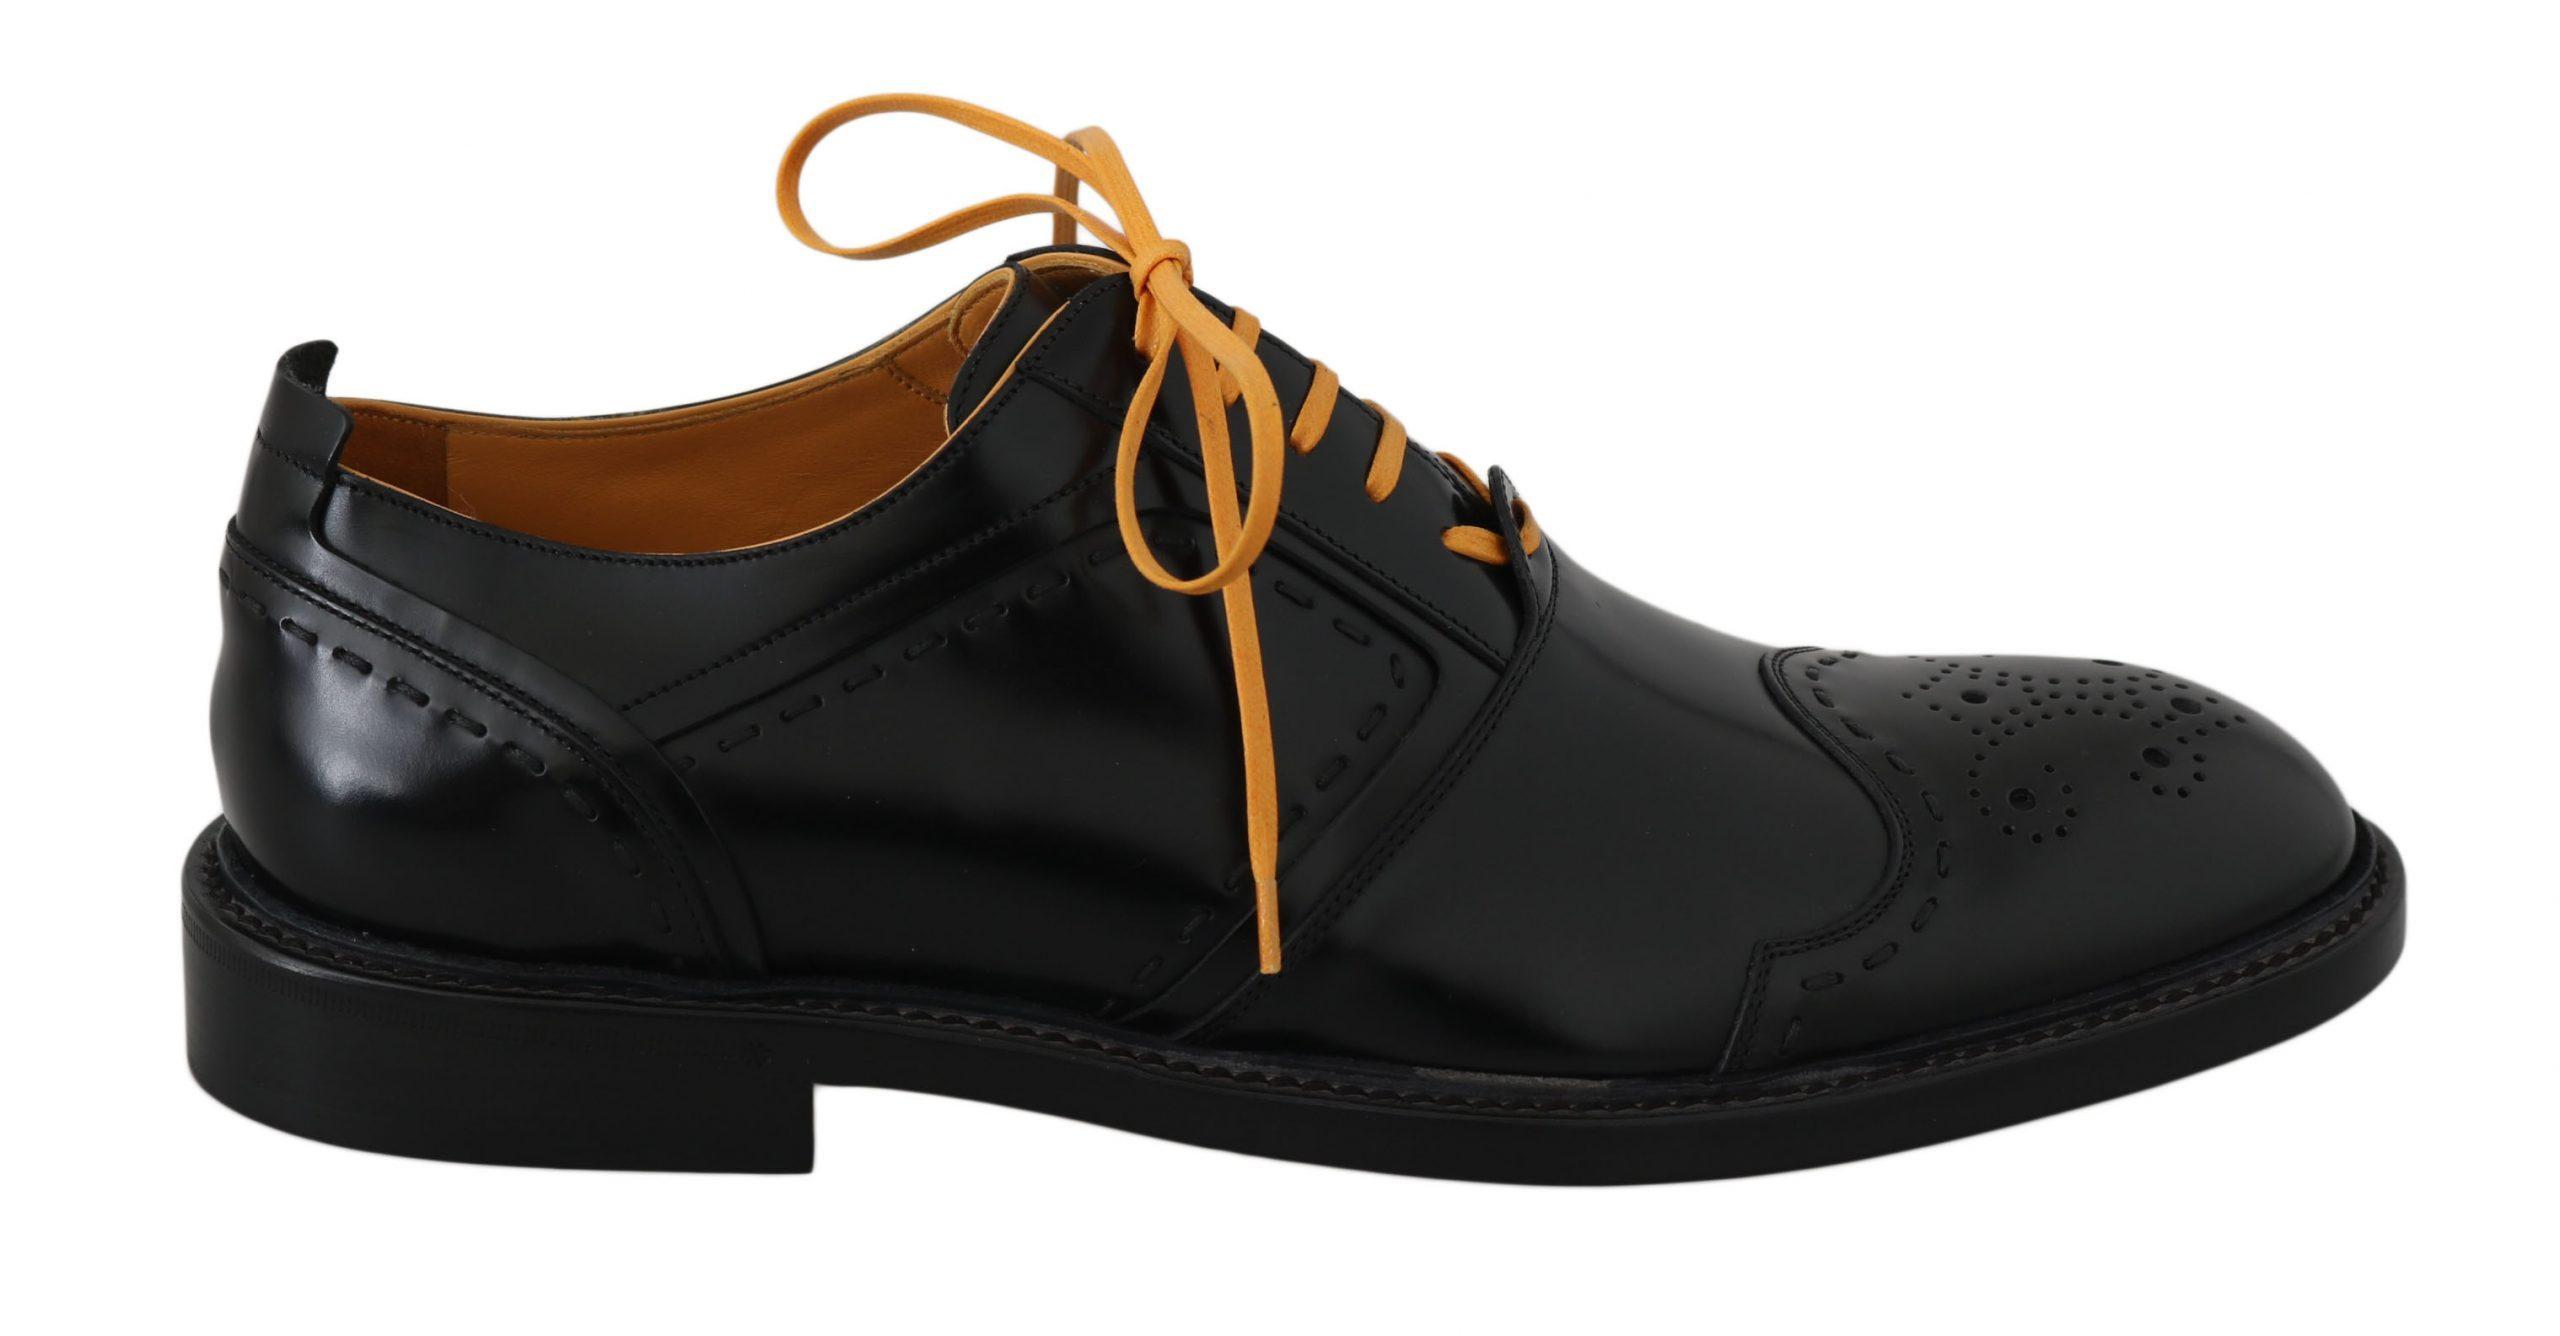 Dolce & Gabbana Men's Shoes Black MV2314 - EU39.5/US6.5